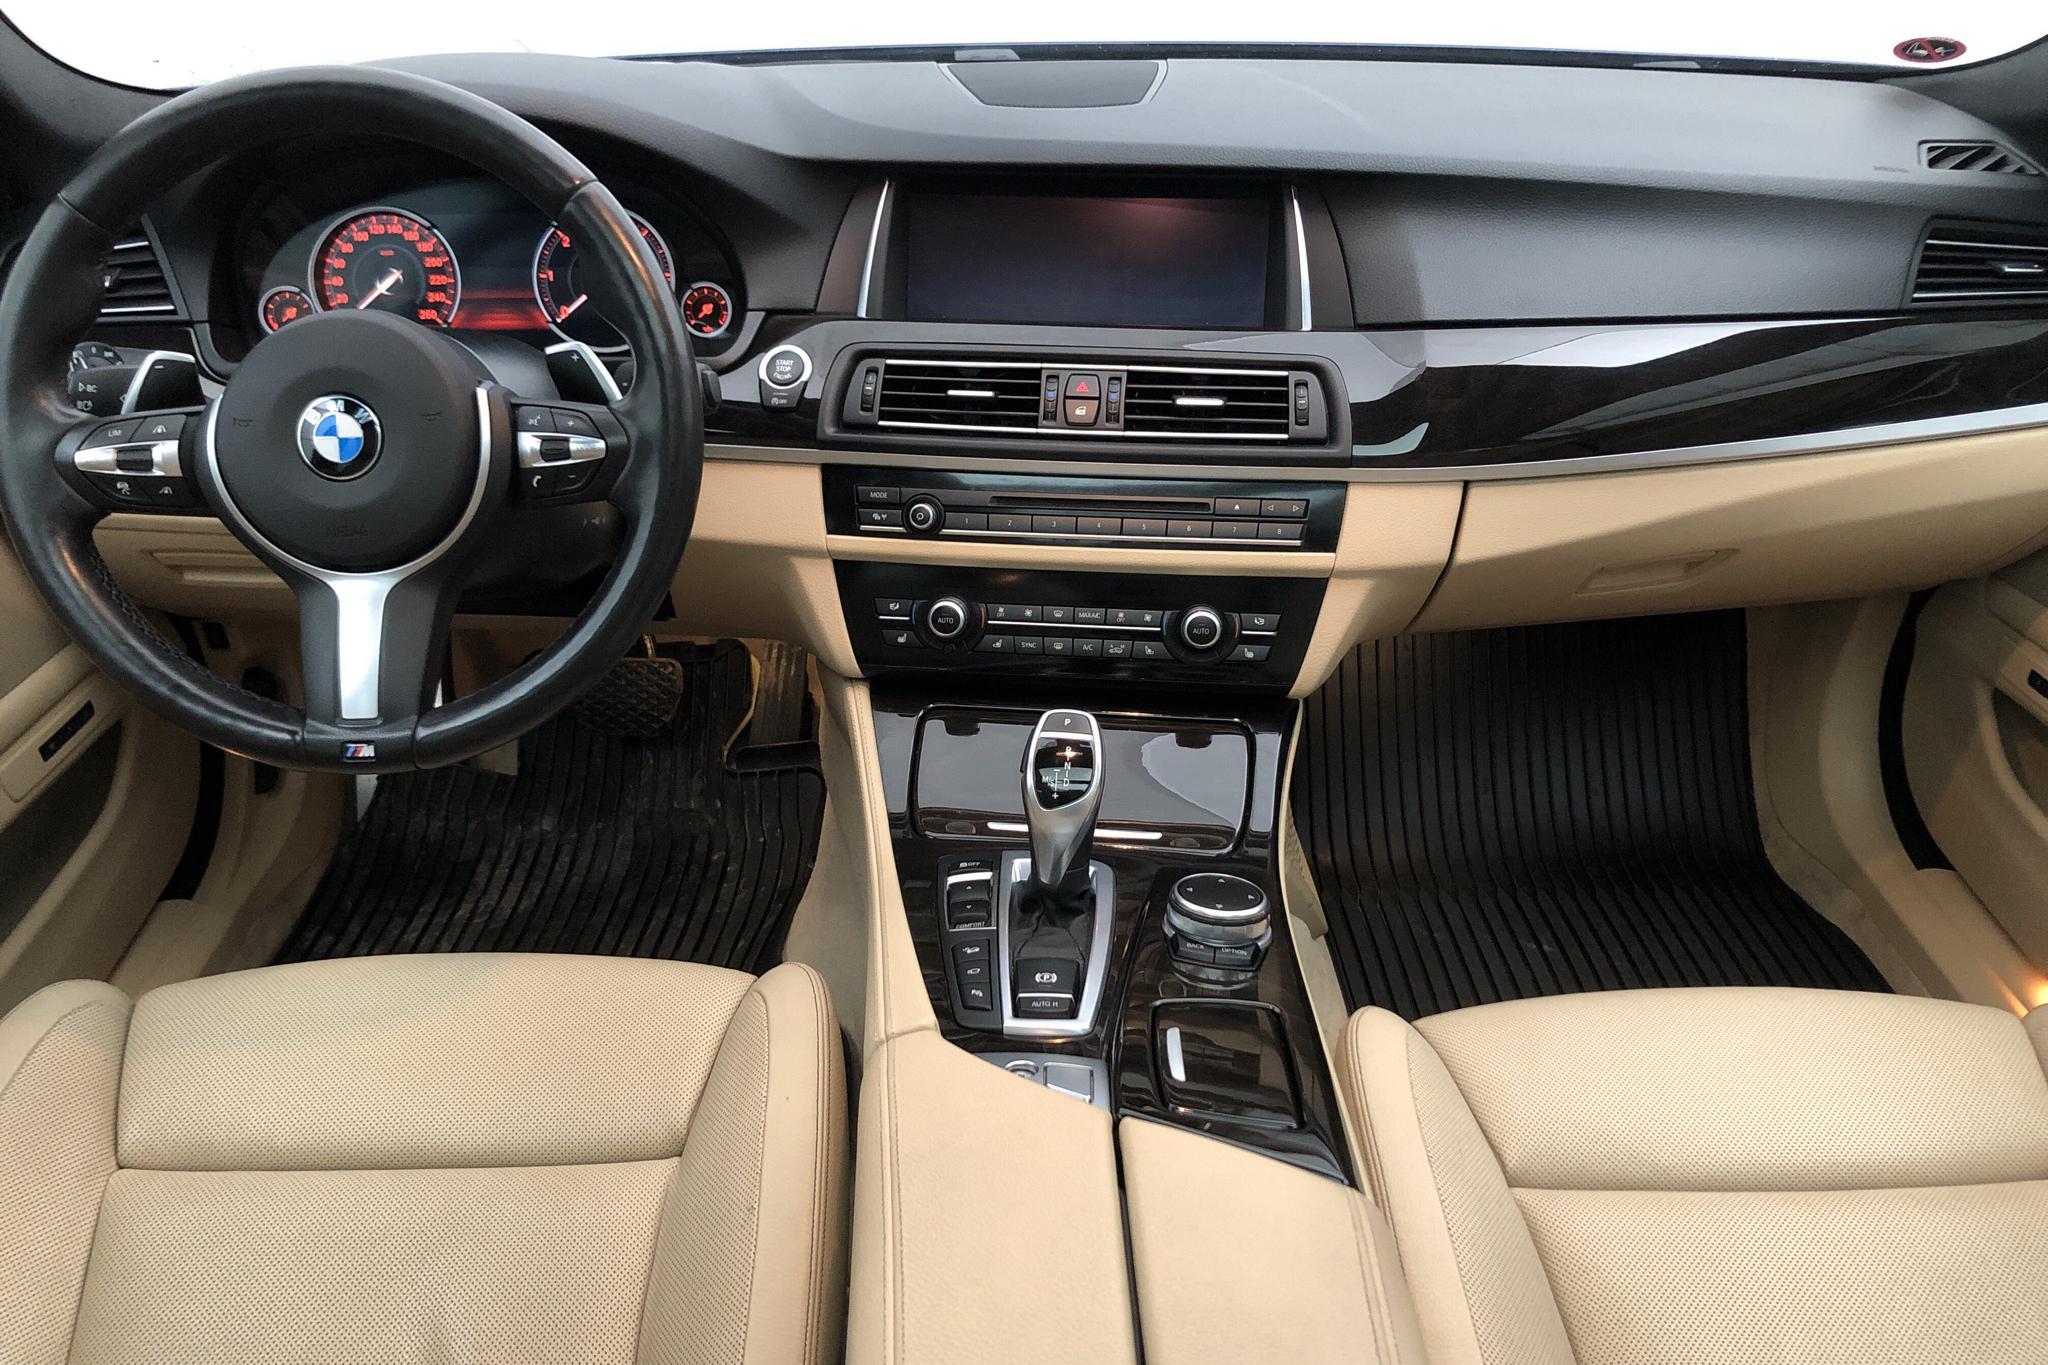 BMW 535d xDrive Touring, F11 (313hk) - 9 170 mil - Automat - blå - 2017